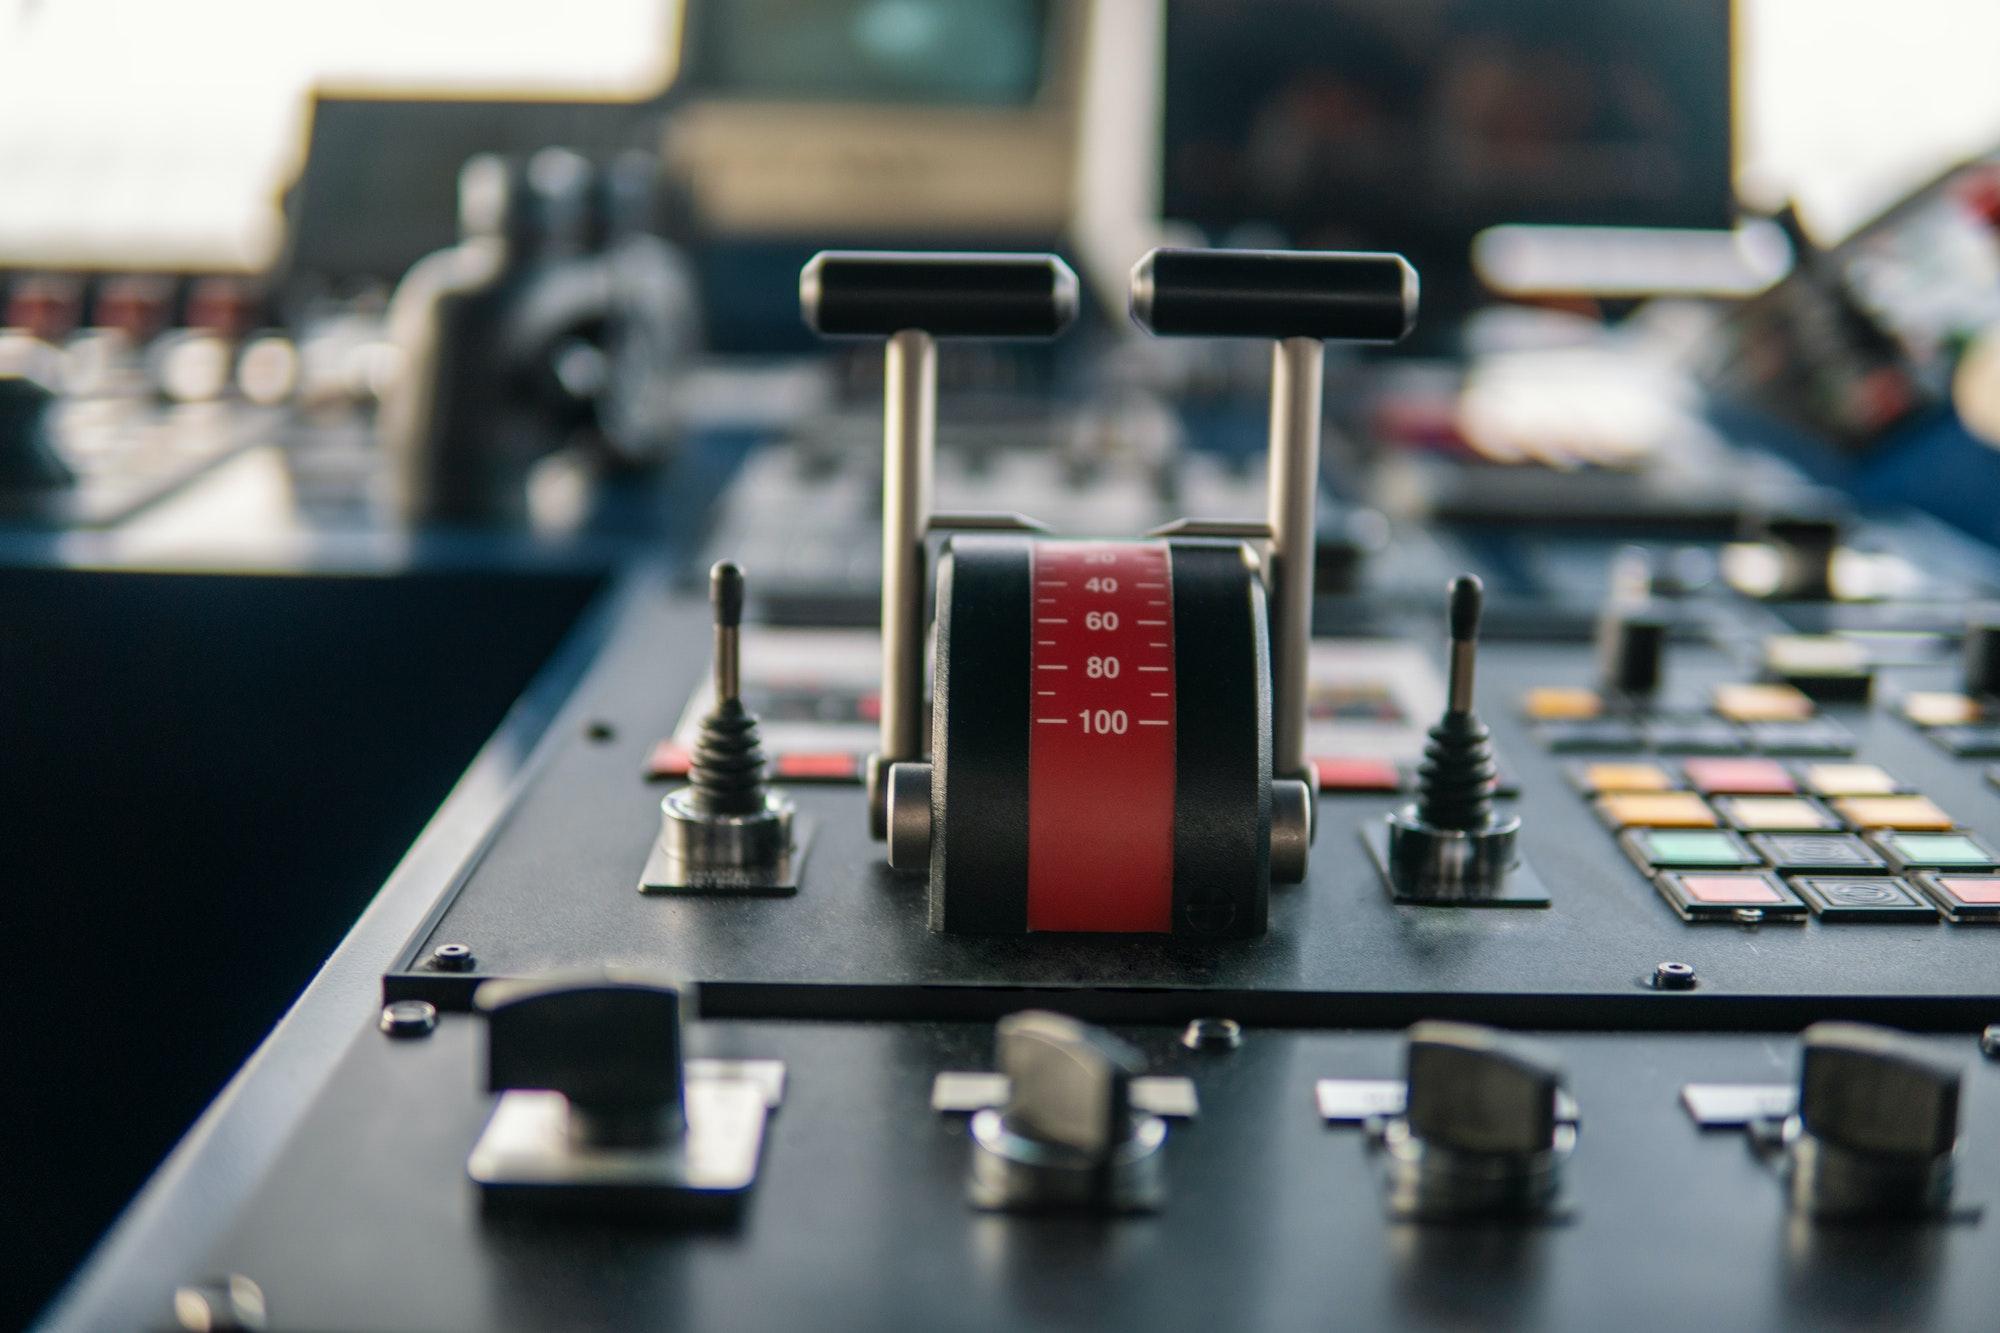 Bridge ship equipment of offshore dp vessel